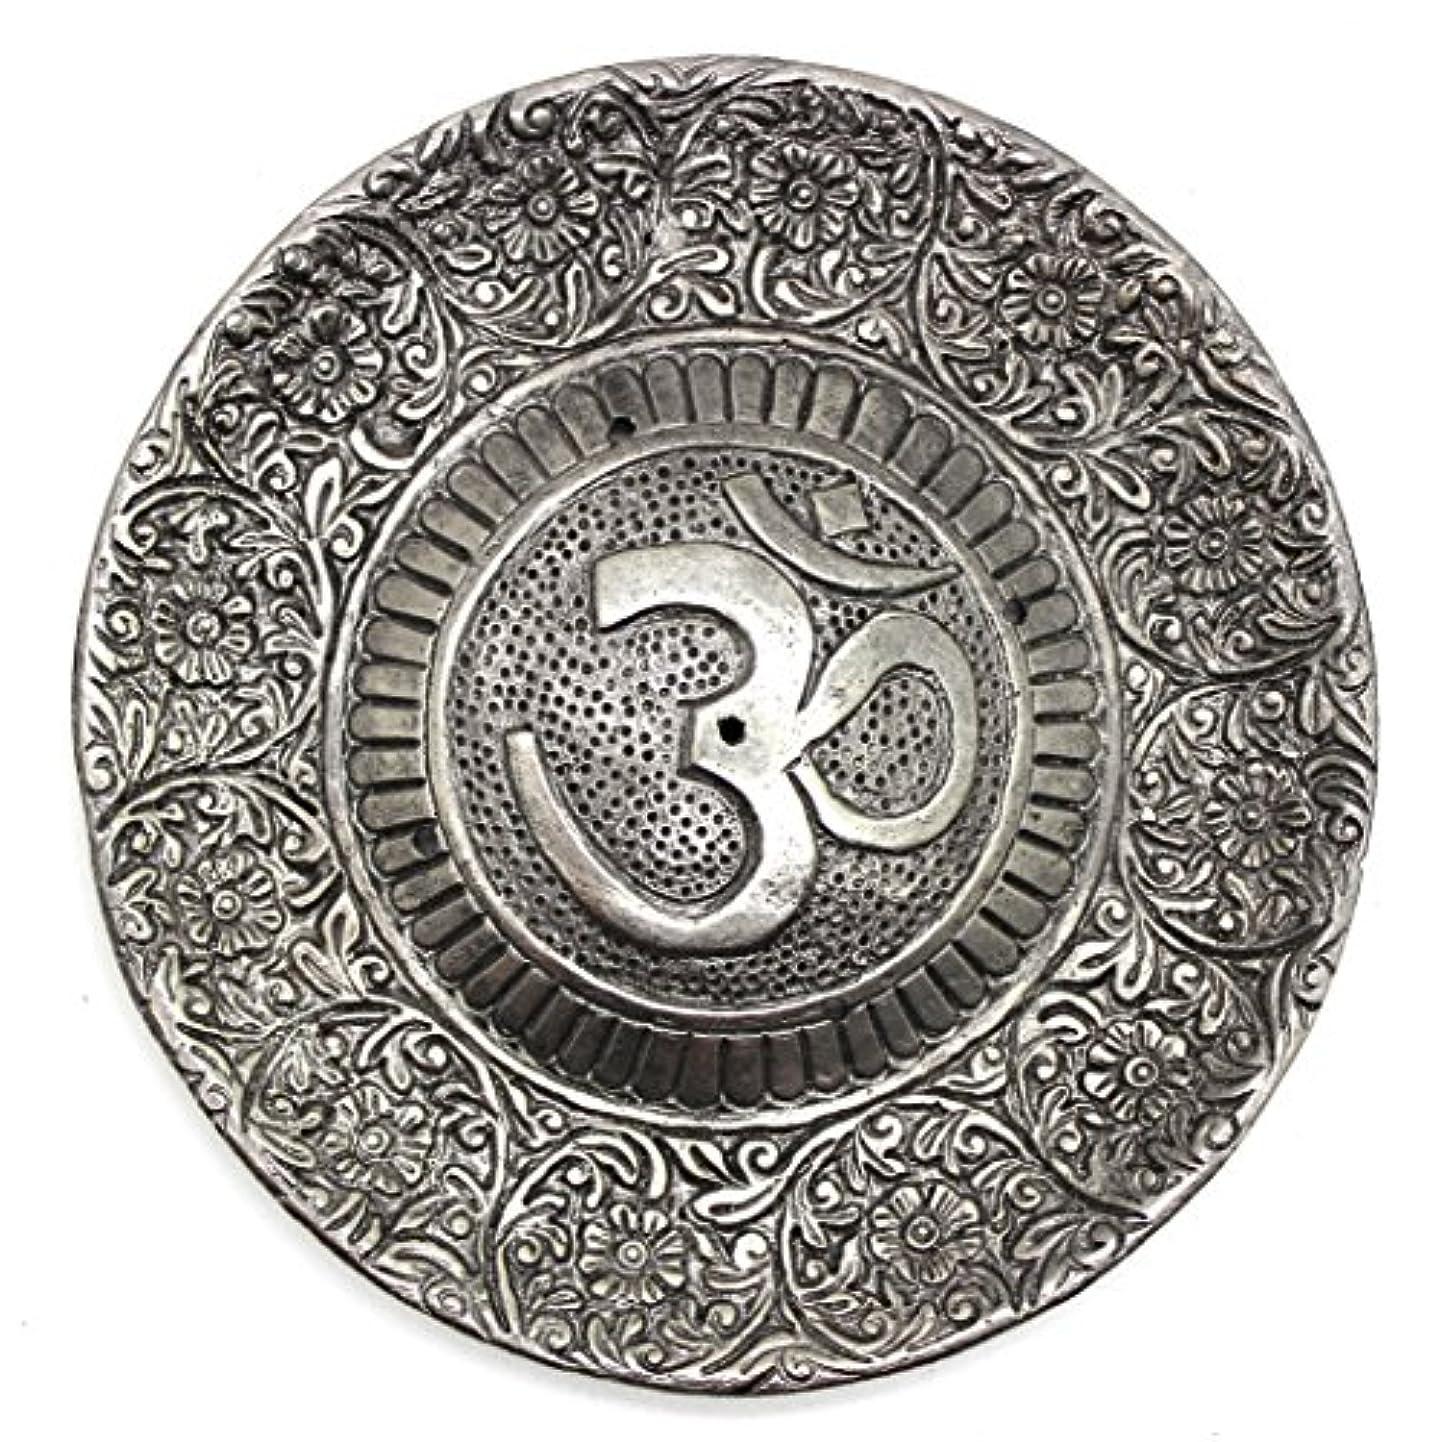 文明化賛辞更新Govinda - Tibetan Incense Burner - Larger OM Symbol - 11cm Diameter